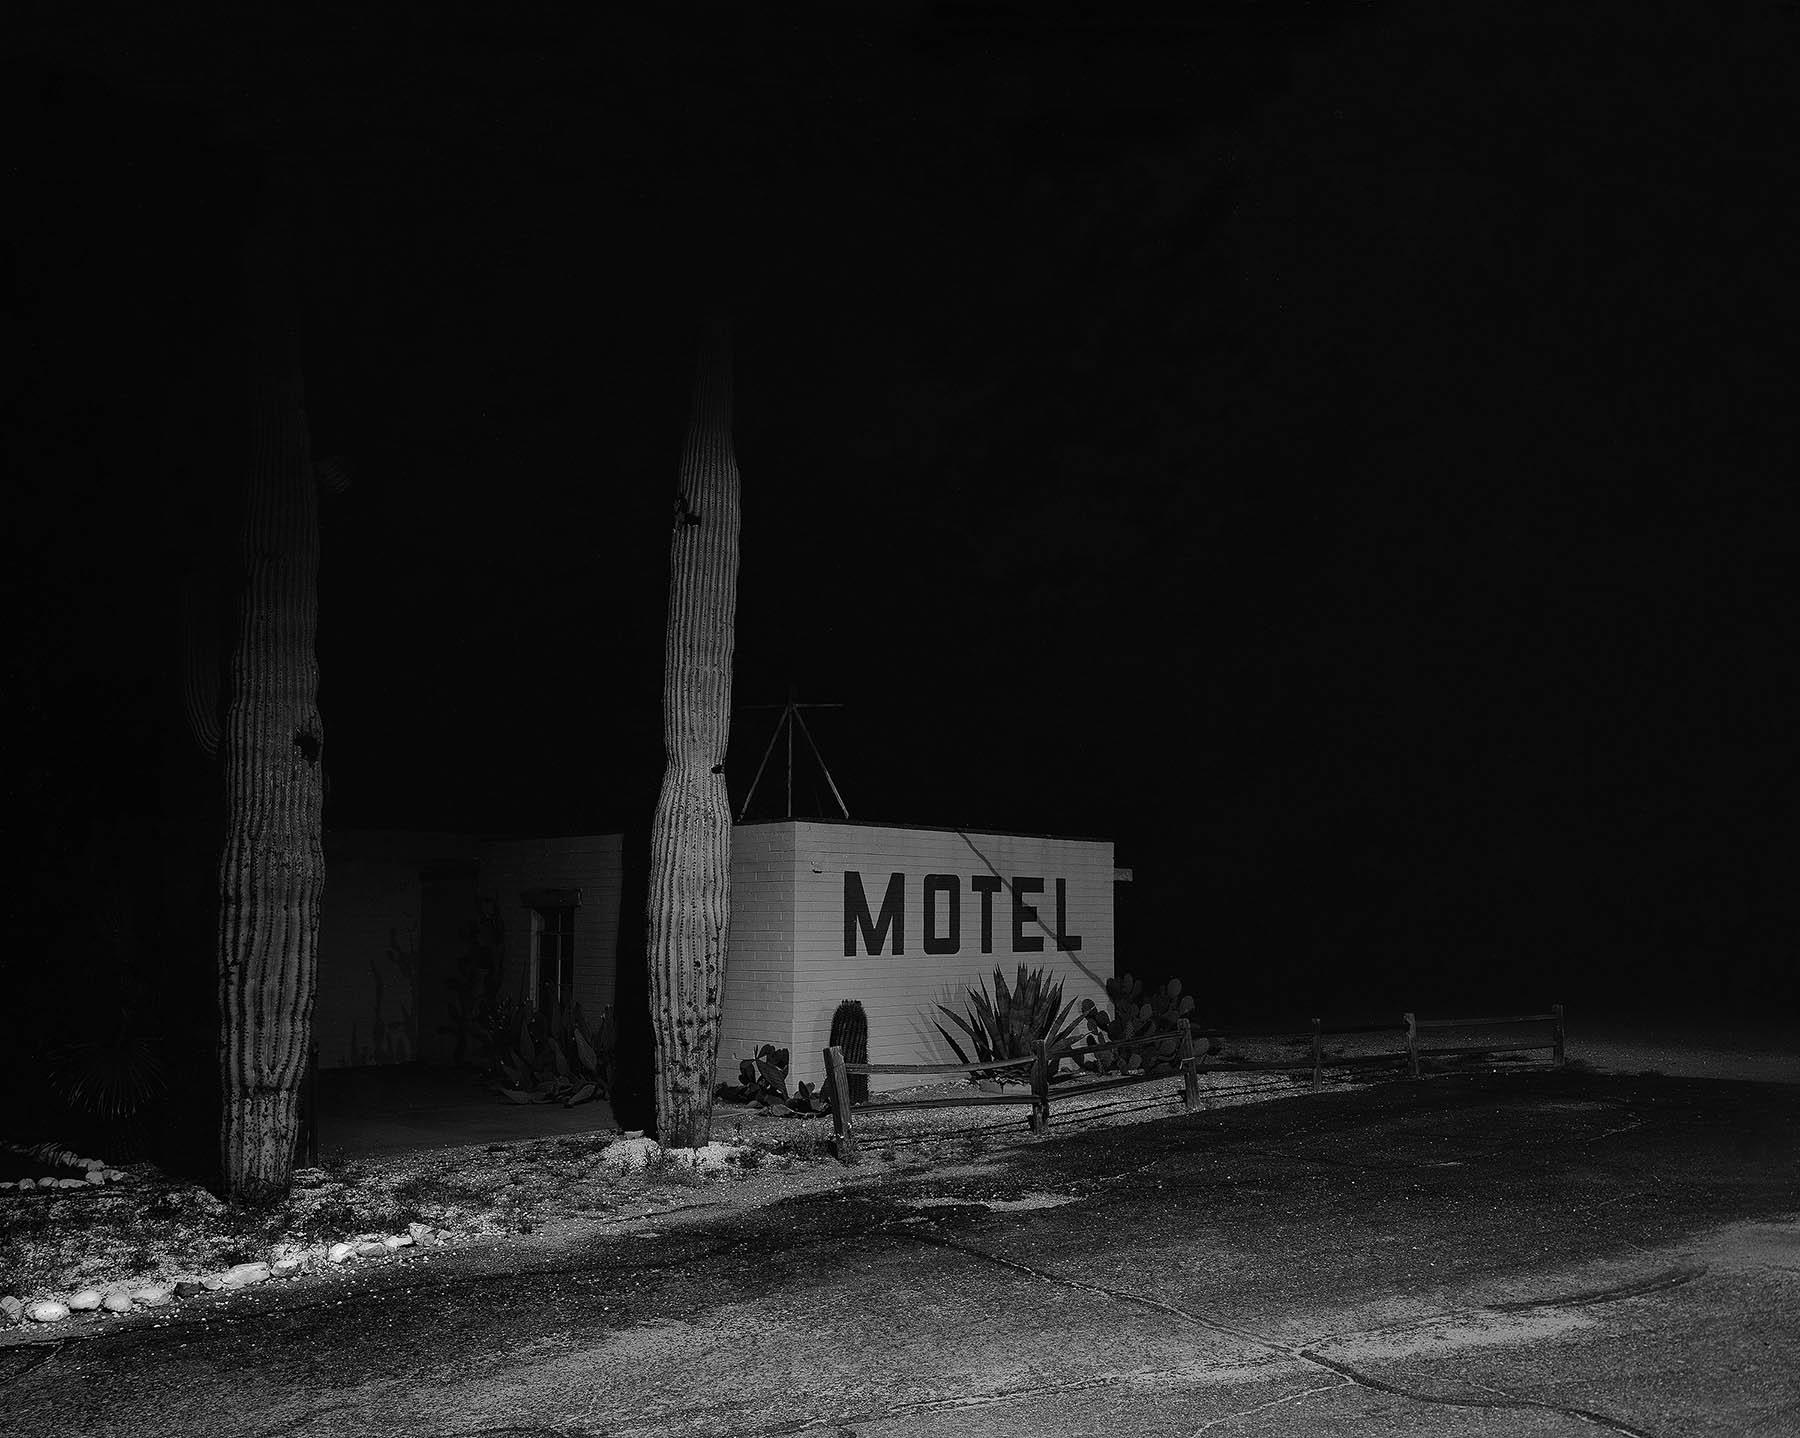 motel, southern arizona,  2007